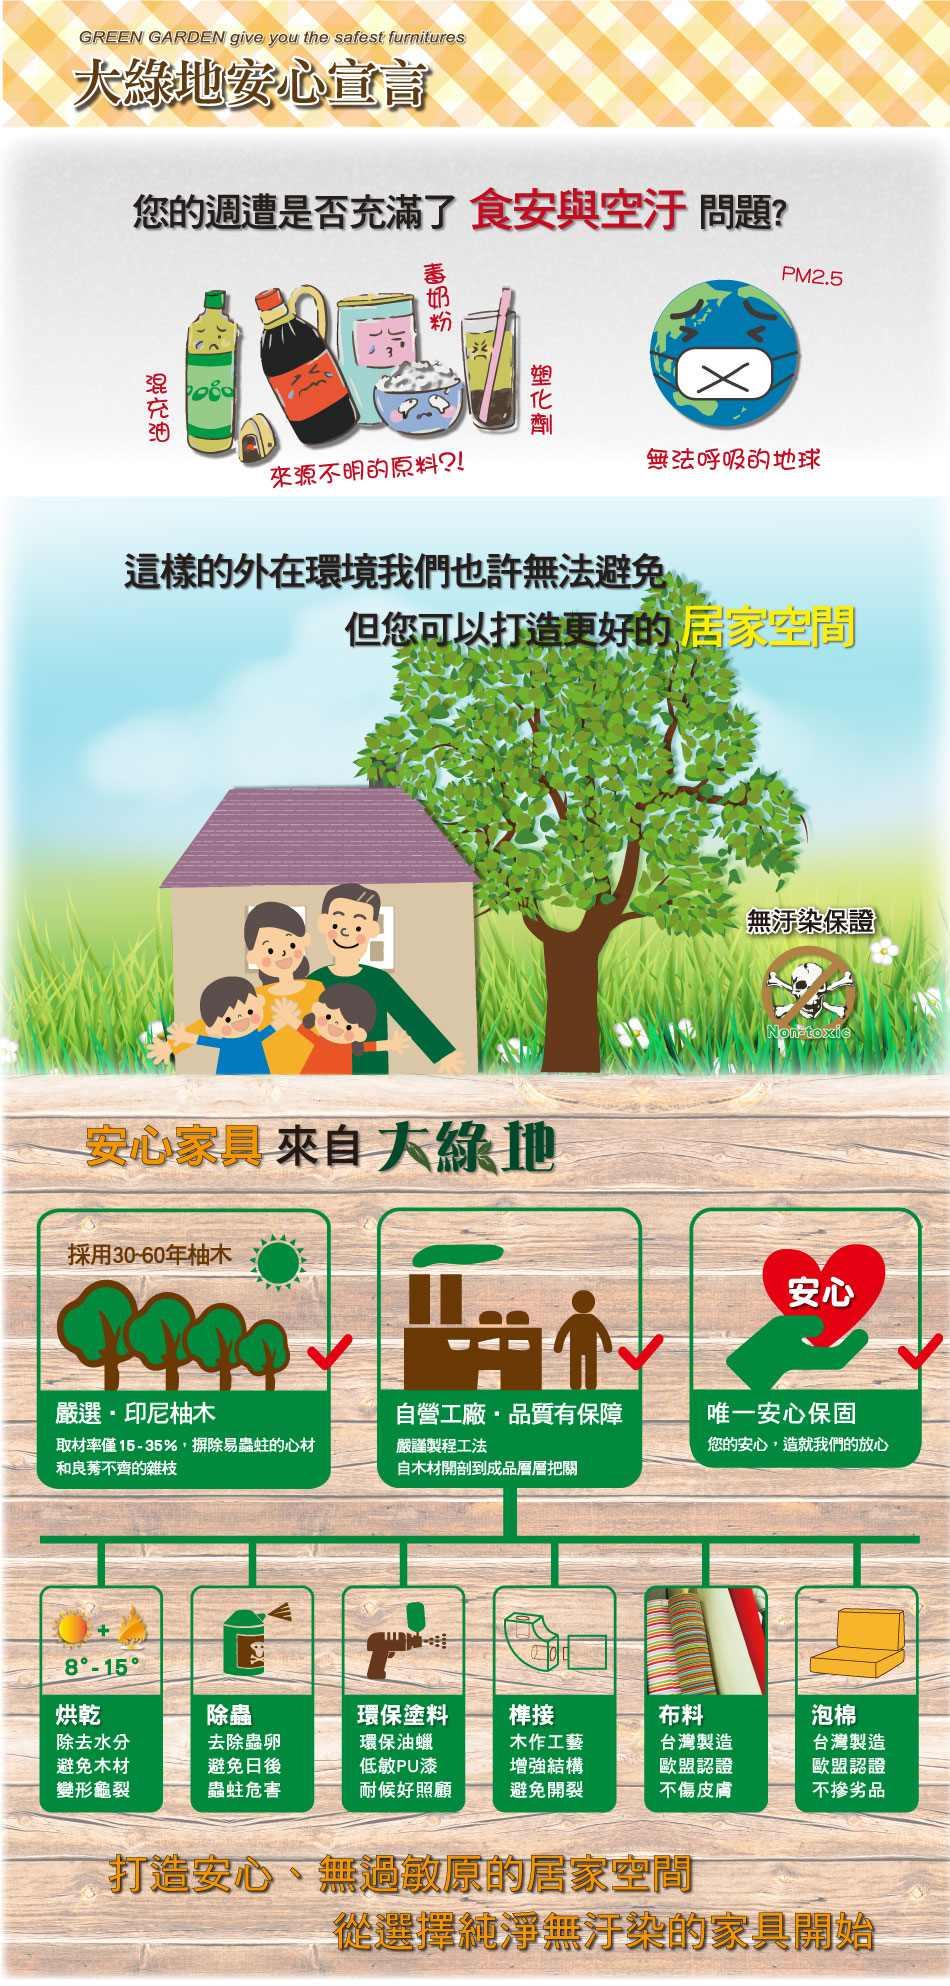 大綠地安心家具